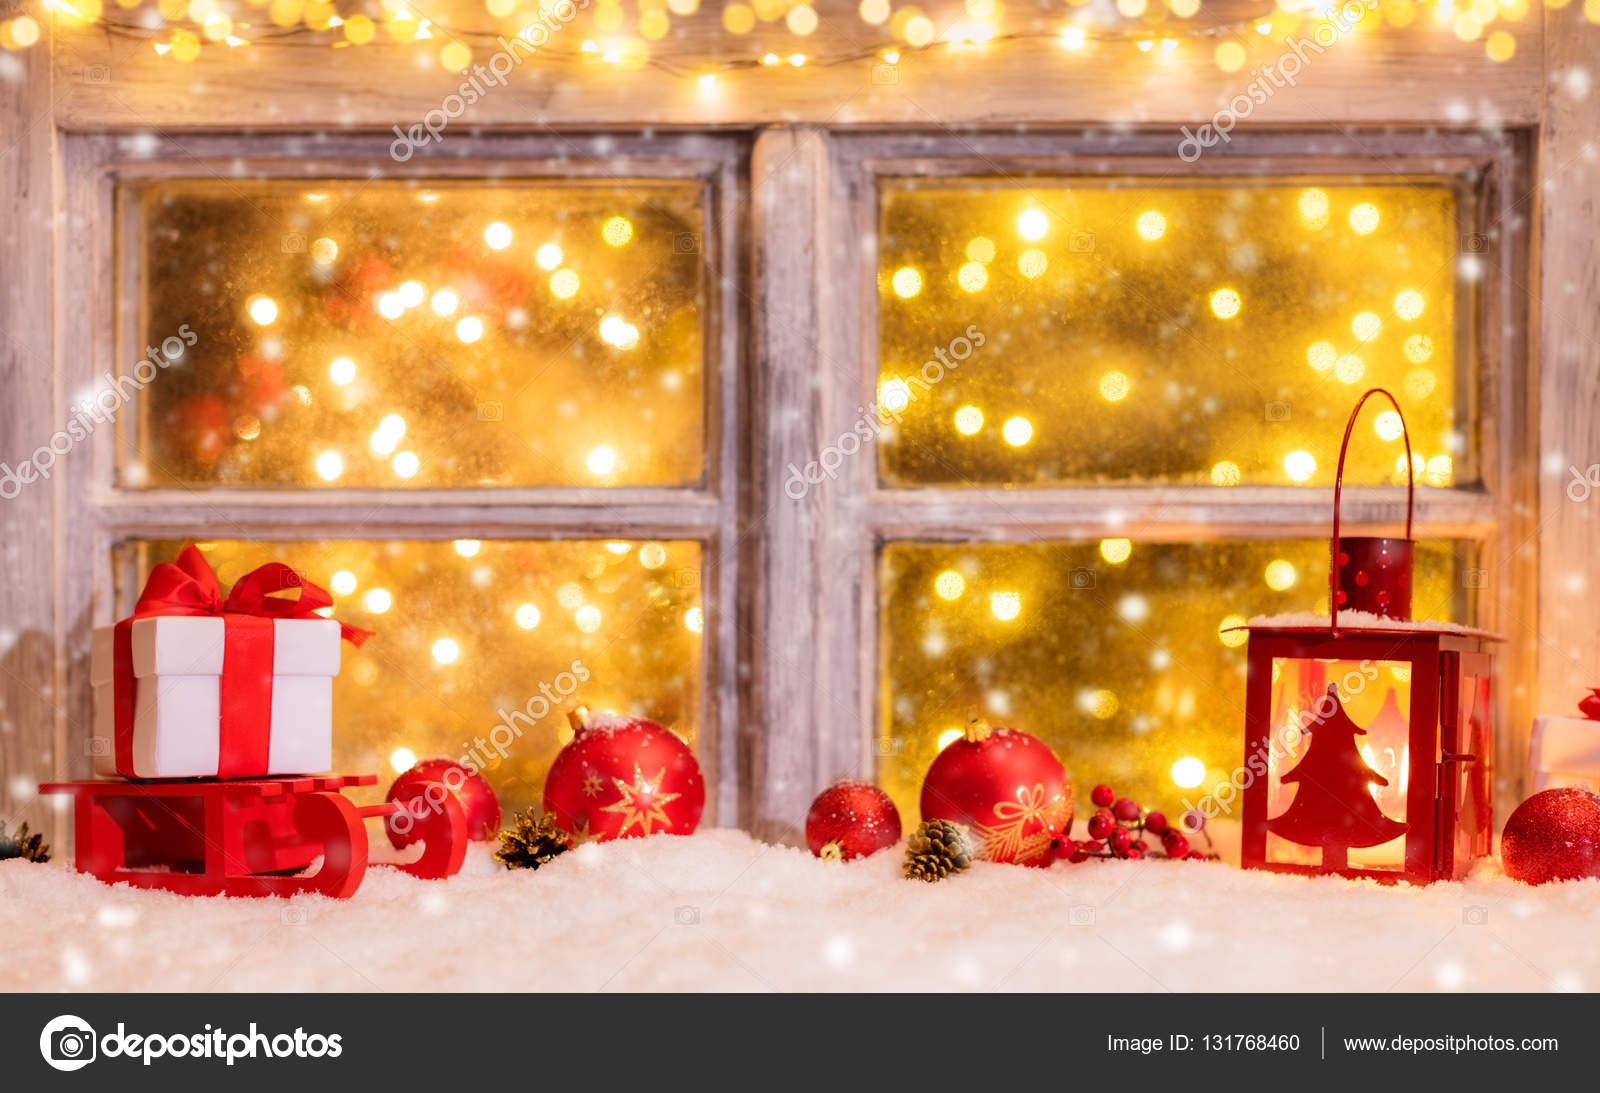 https://st3.depositphotos.com/1105977/13176/i/1600/depositphotos_131768460-stockafbeelding-sfeervolle-kerst-vensterbank-met-decoratie.jpg